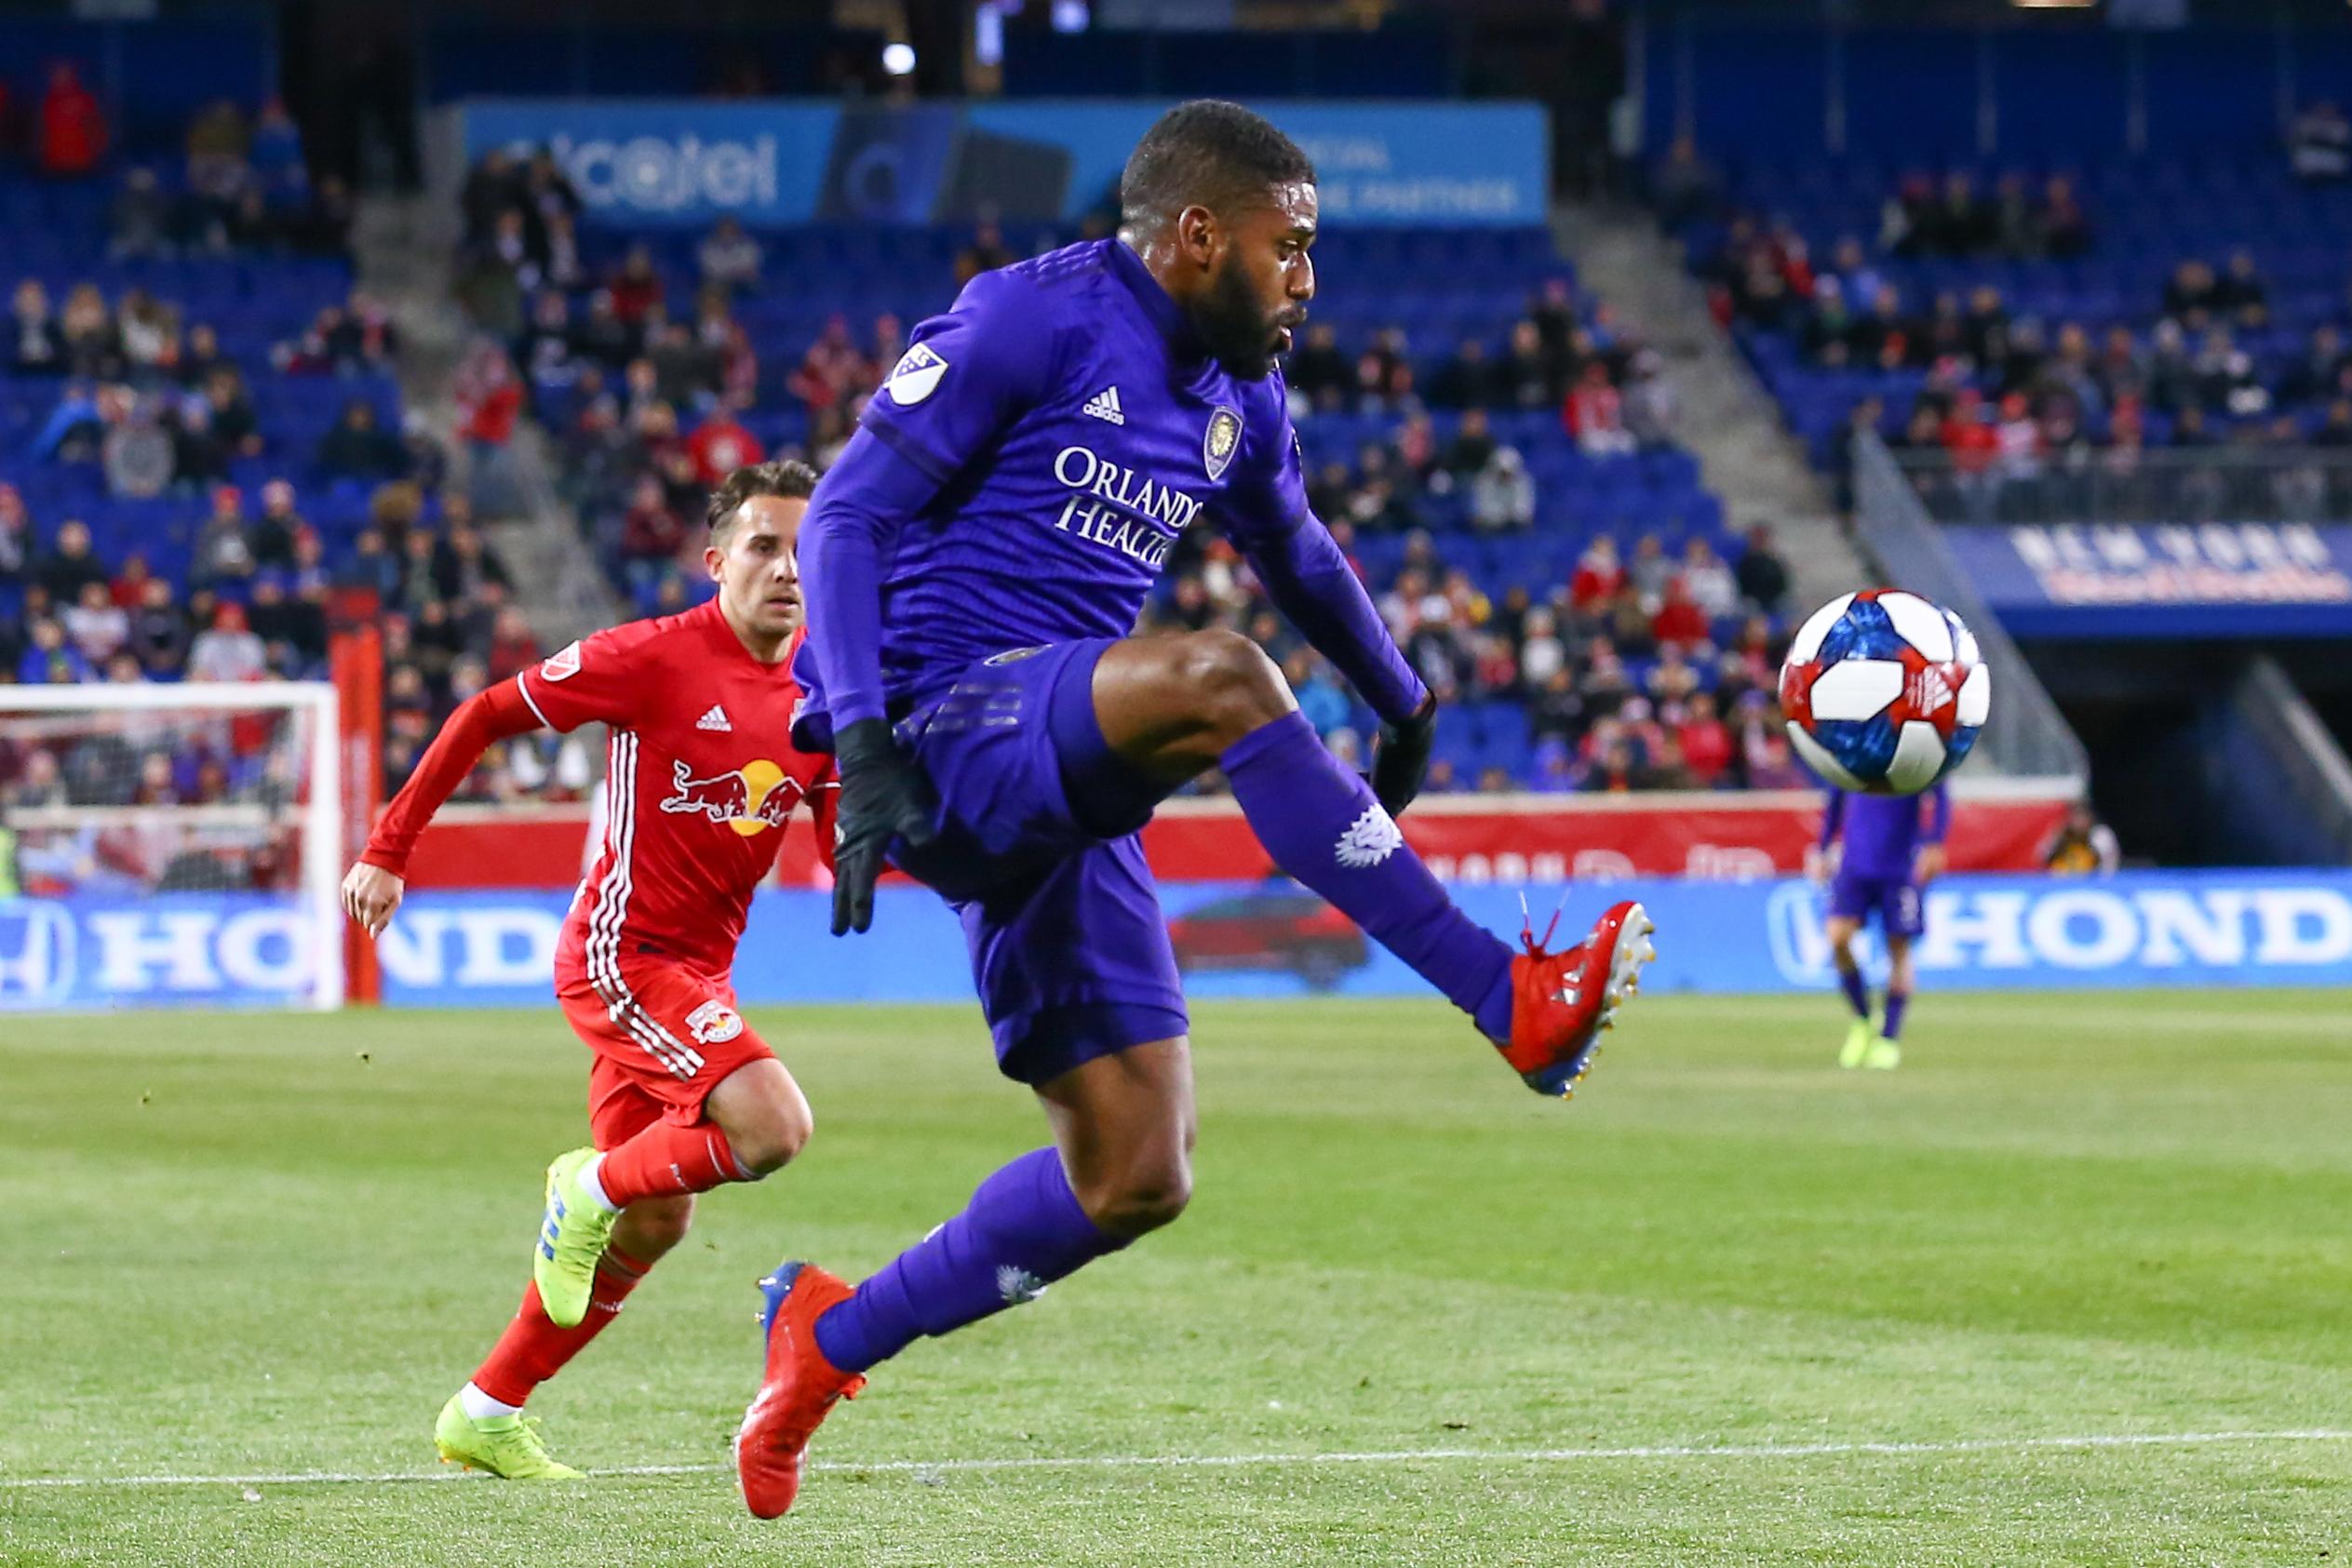 SOCCER: MAR 23 MLS - Orlando City SC at New York Red Bulls